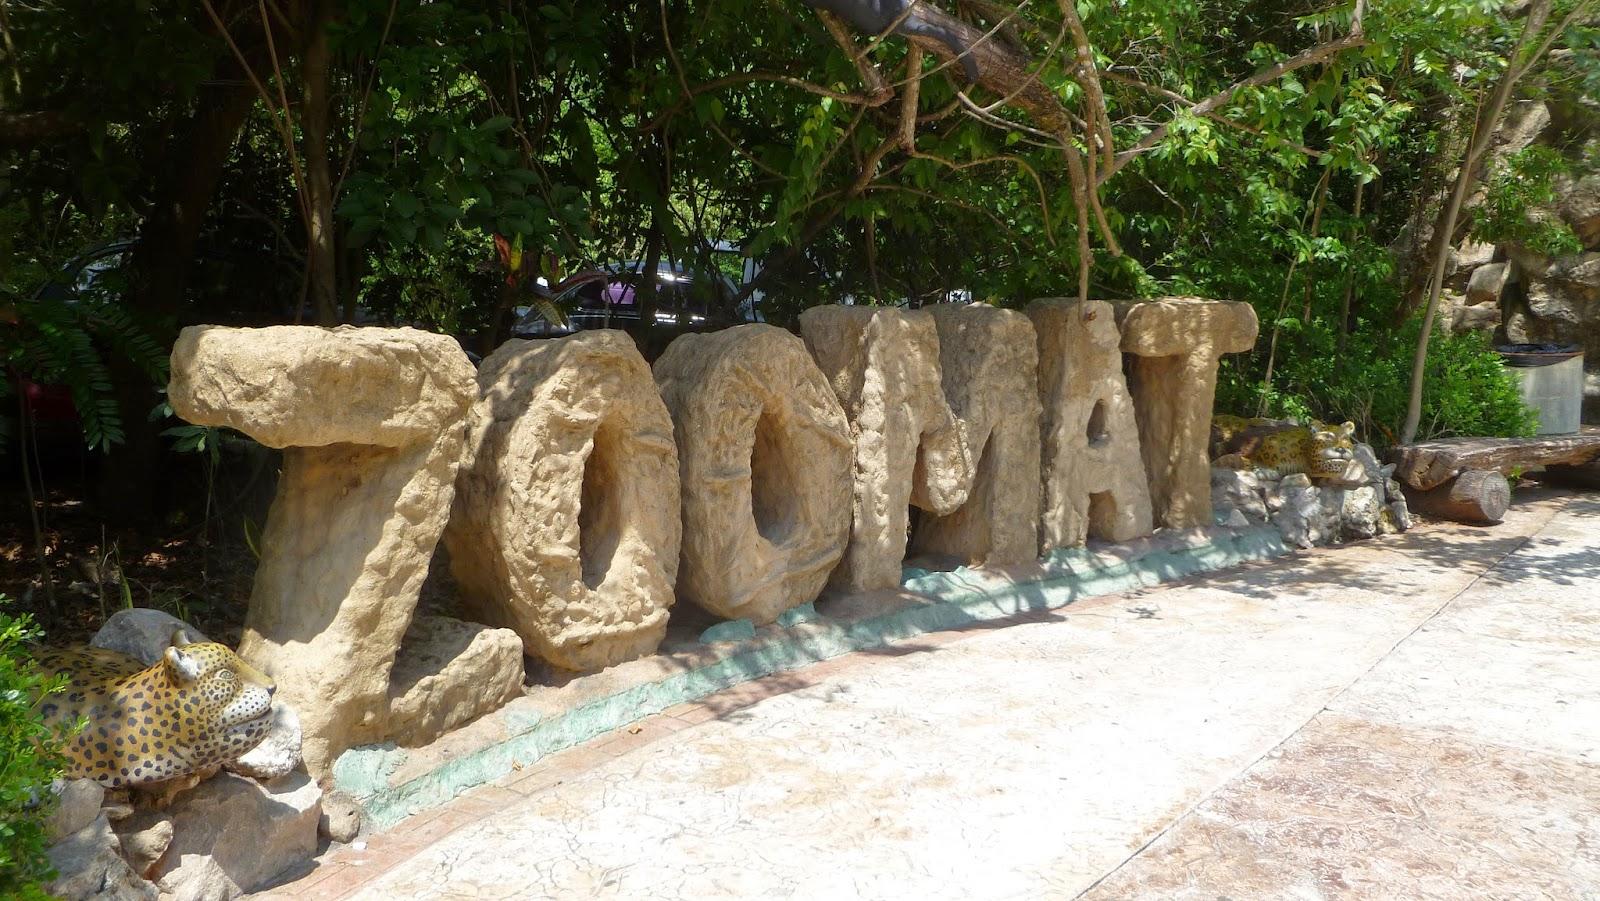 Visita el Zoomat - Chiapas, México